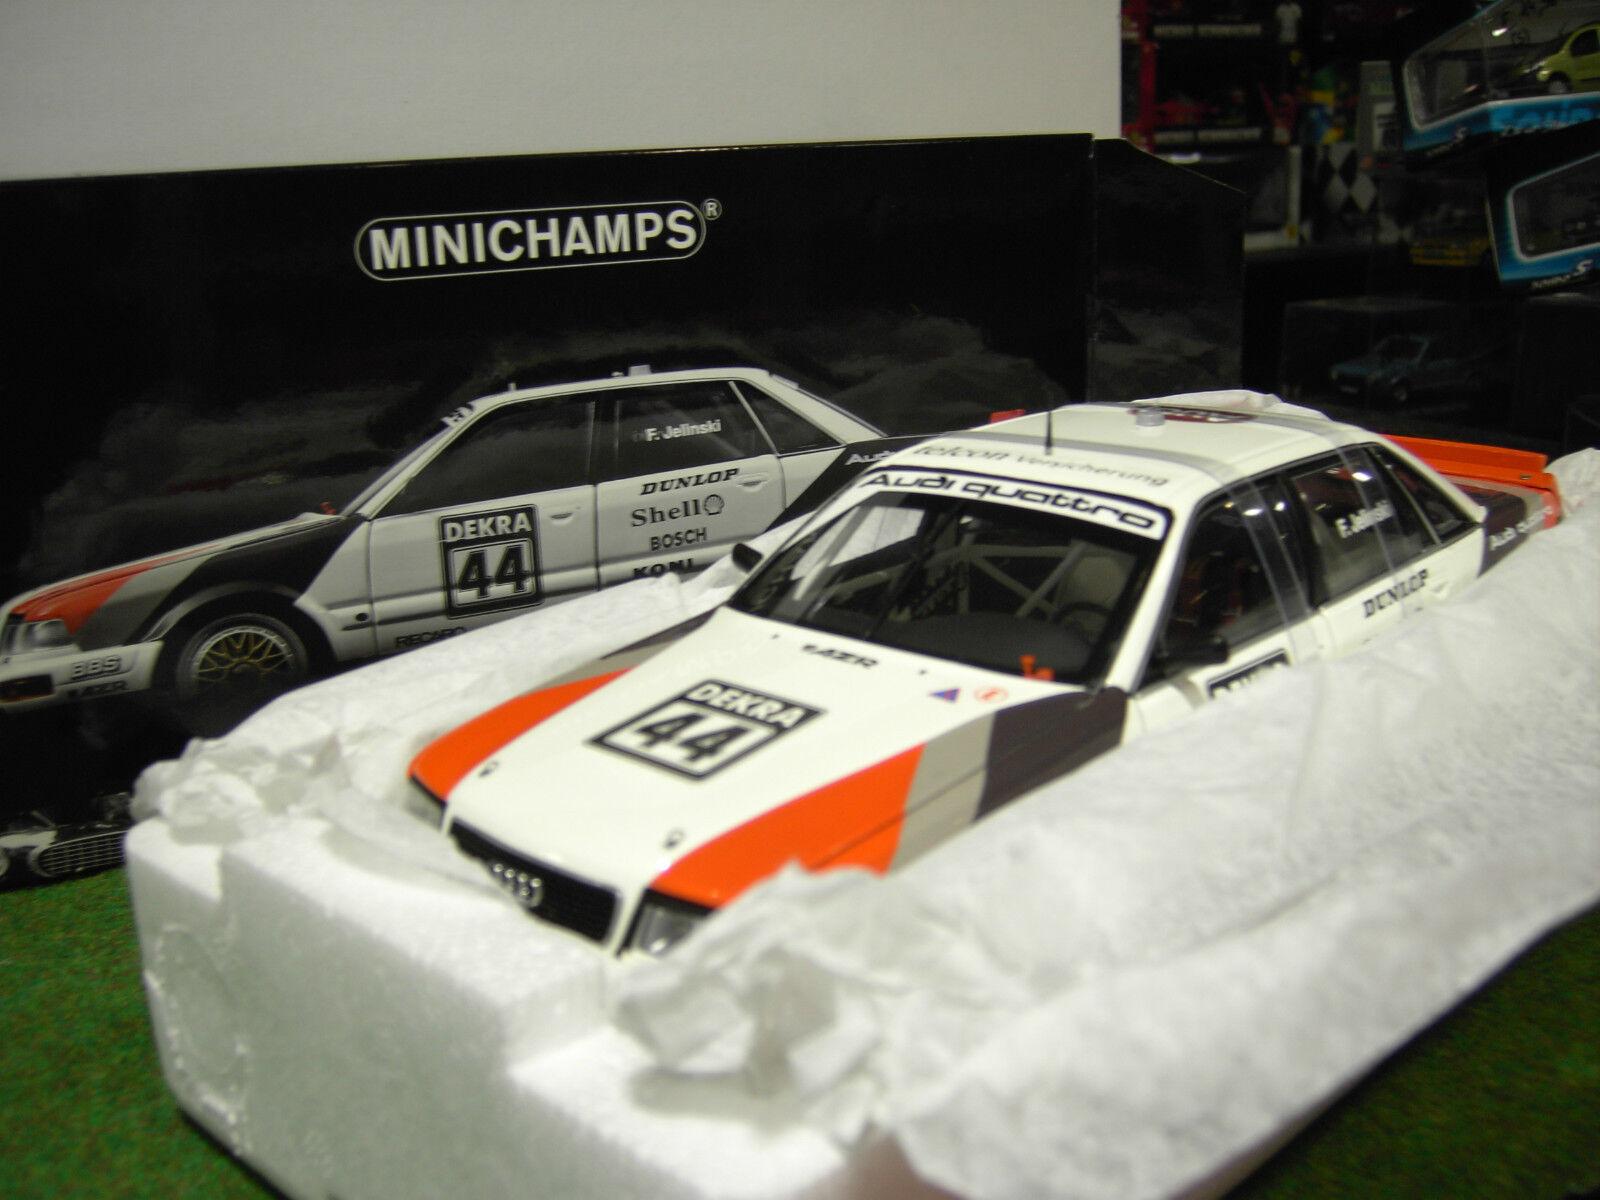 AUDI V8 QUATTRO  DTM 1991   44 au 1 18 de MINICHAMPS 100911044 voiture miniature